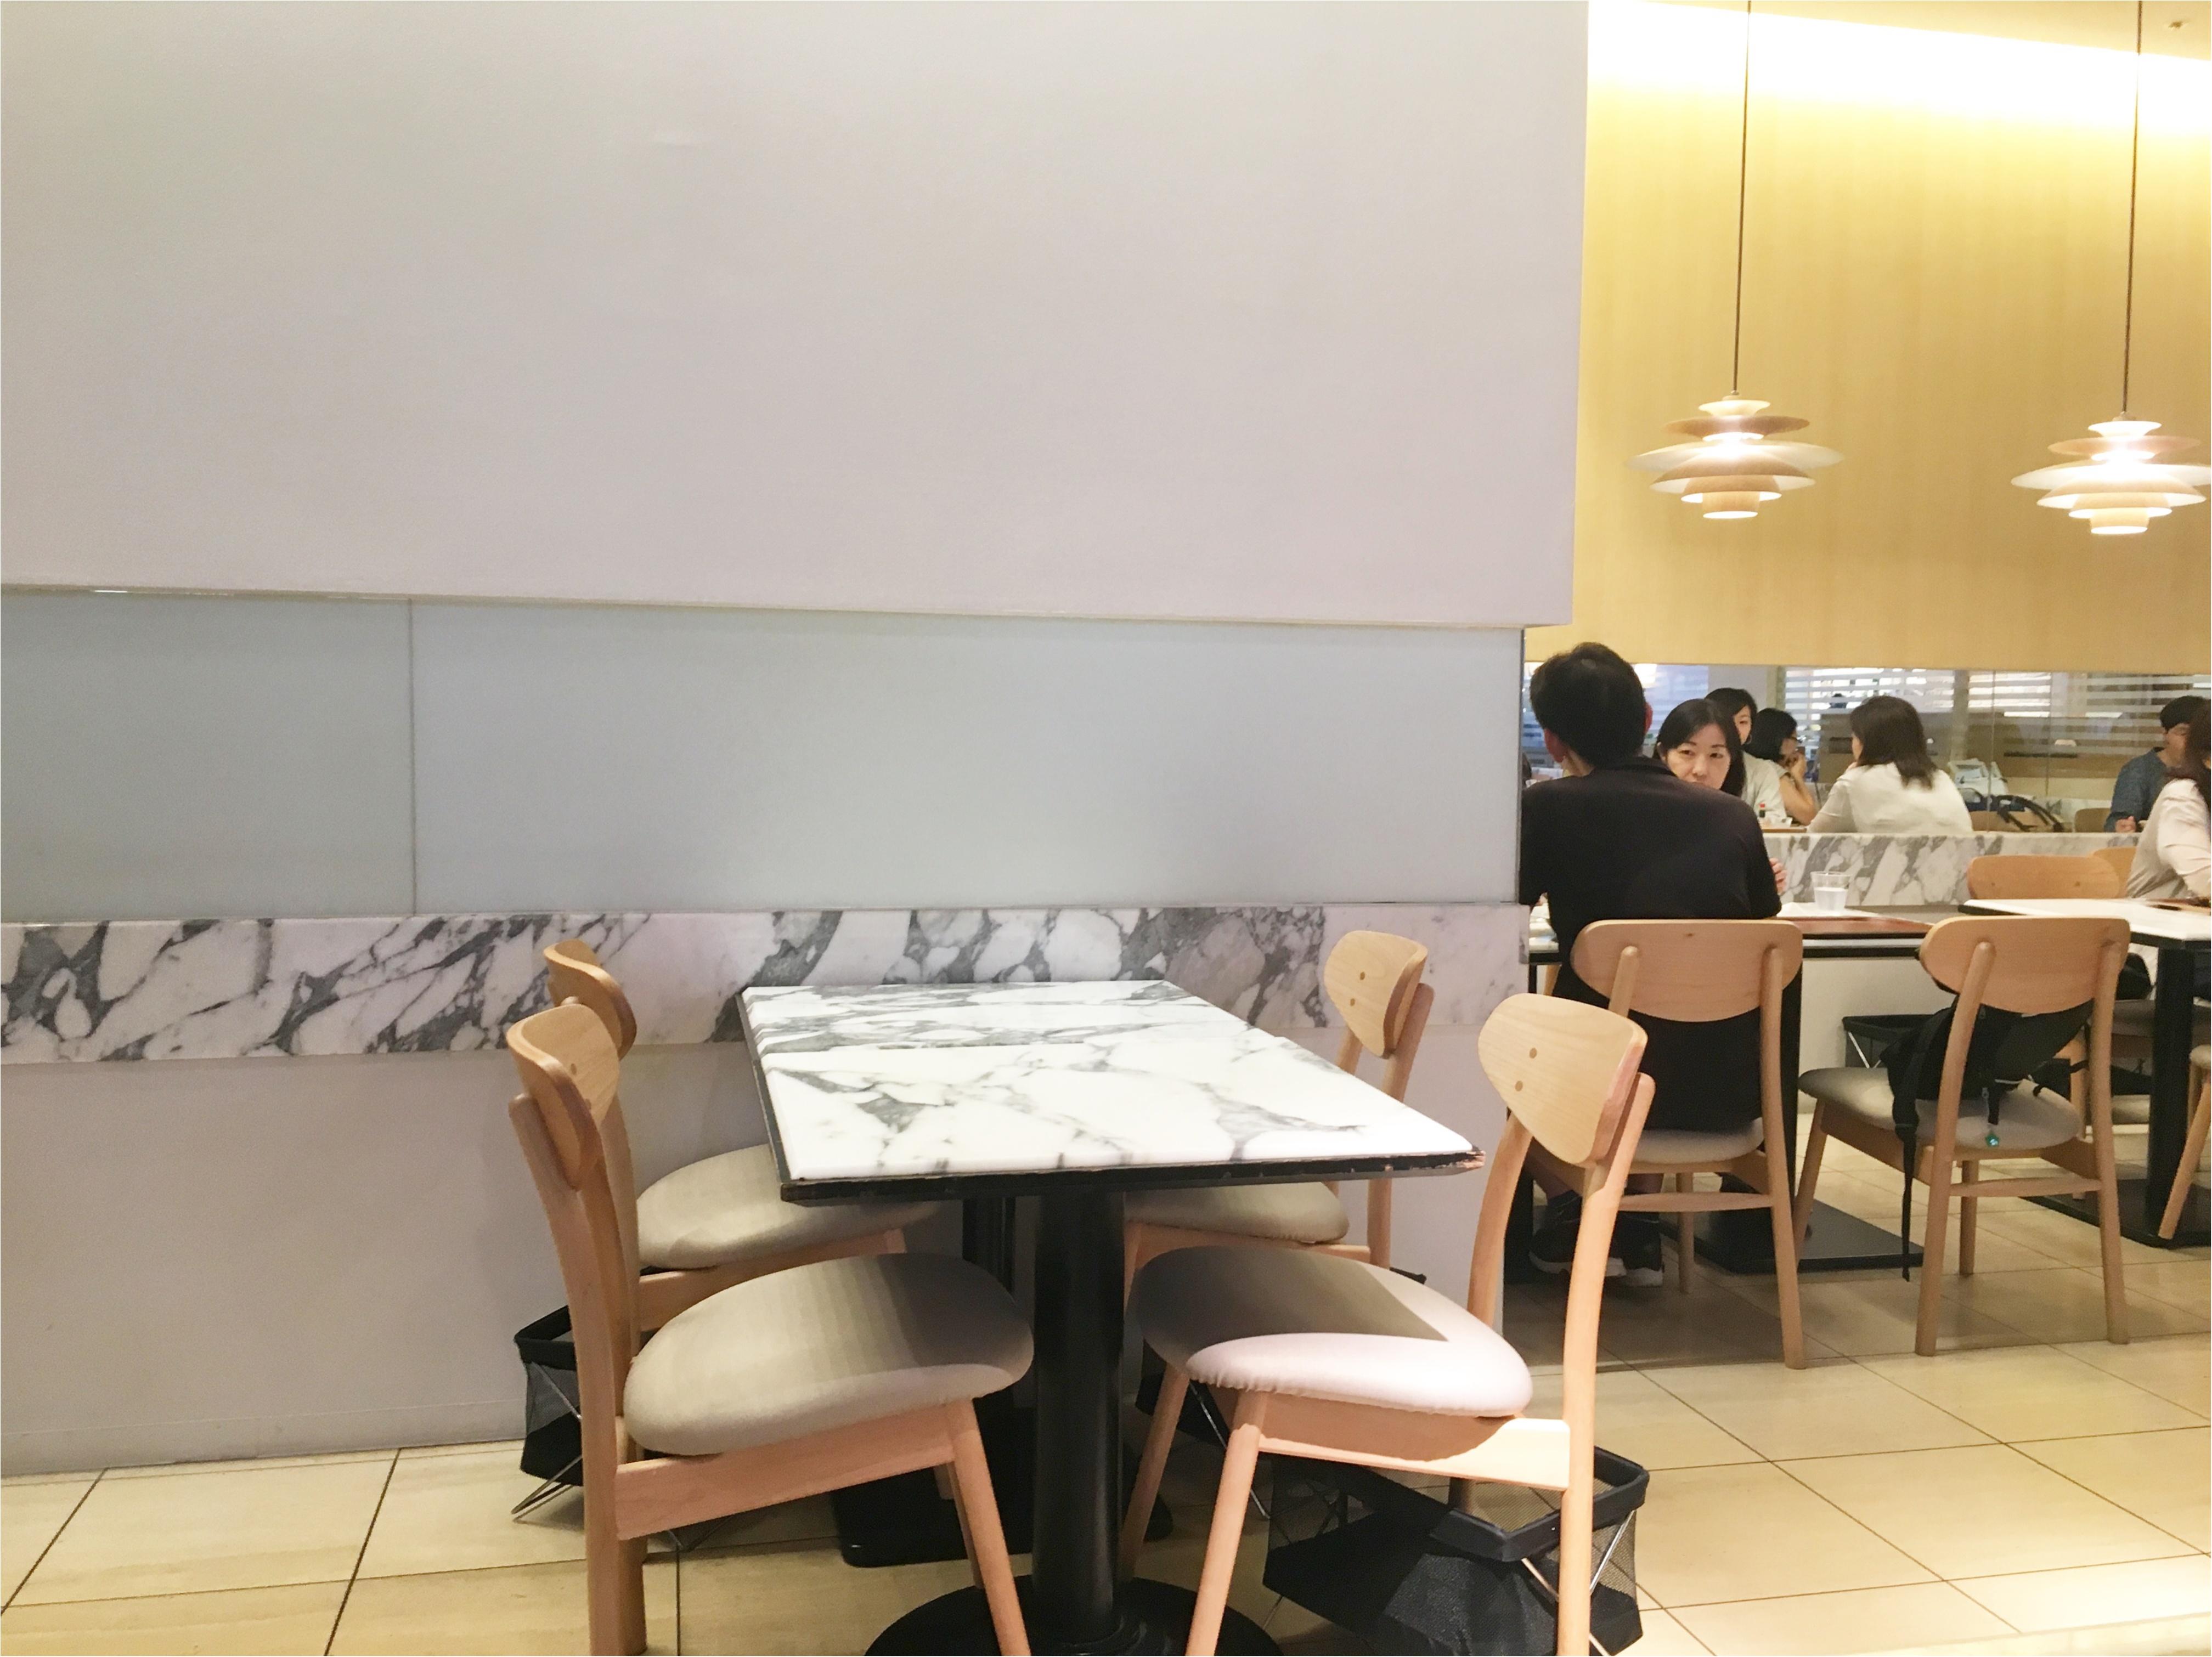 《インテリアショップKEYUCA(ケユカ)プロデュース!》横浜みなとみらいのカフェでランチ&スイーツ♡_2